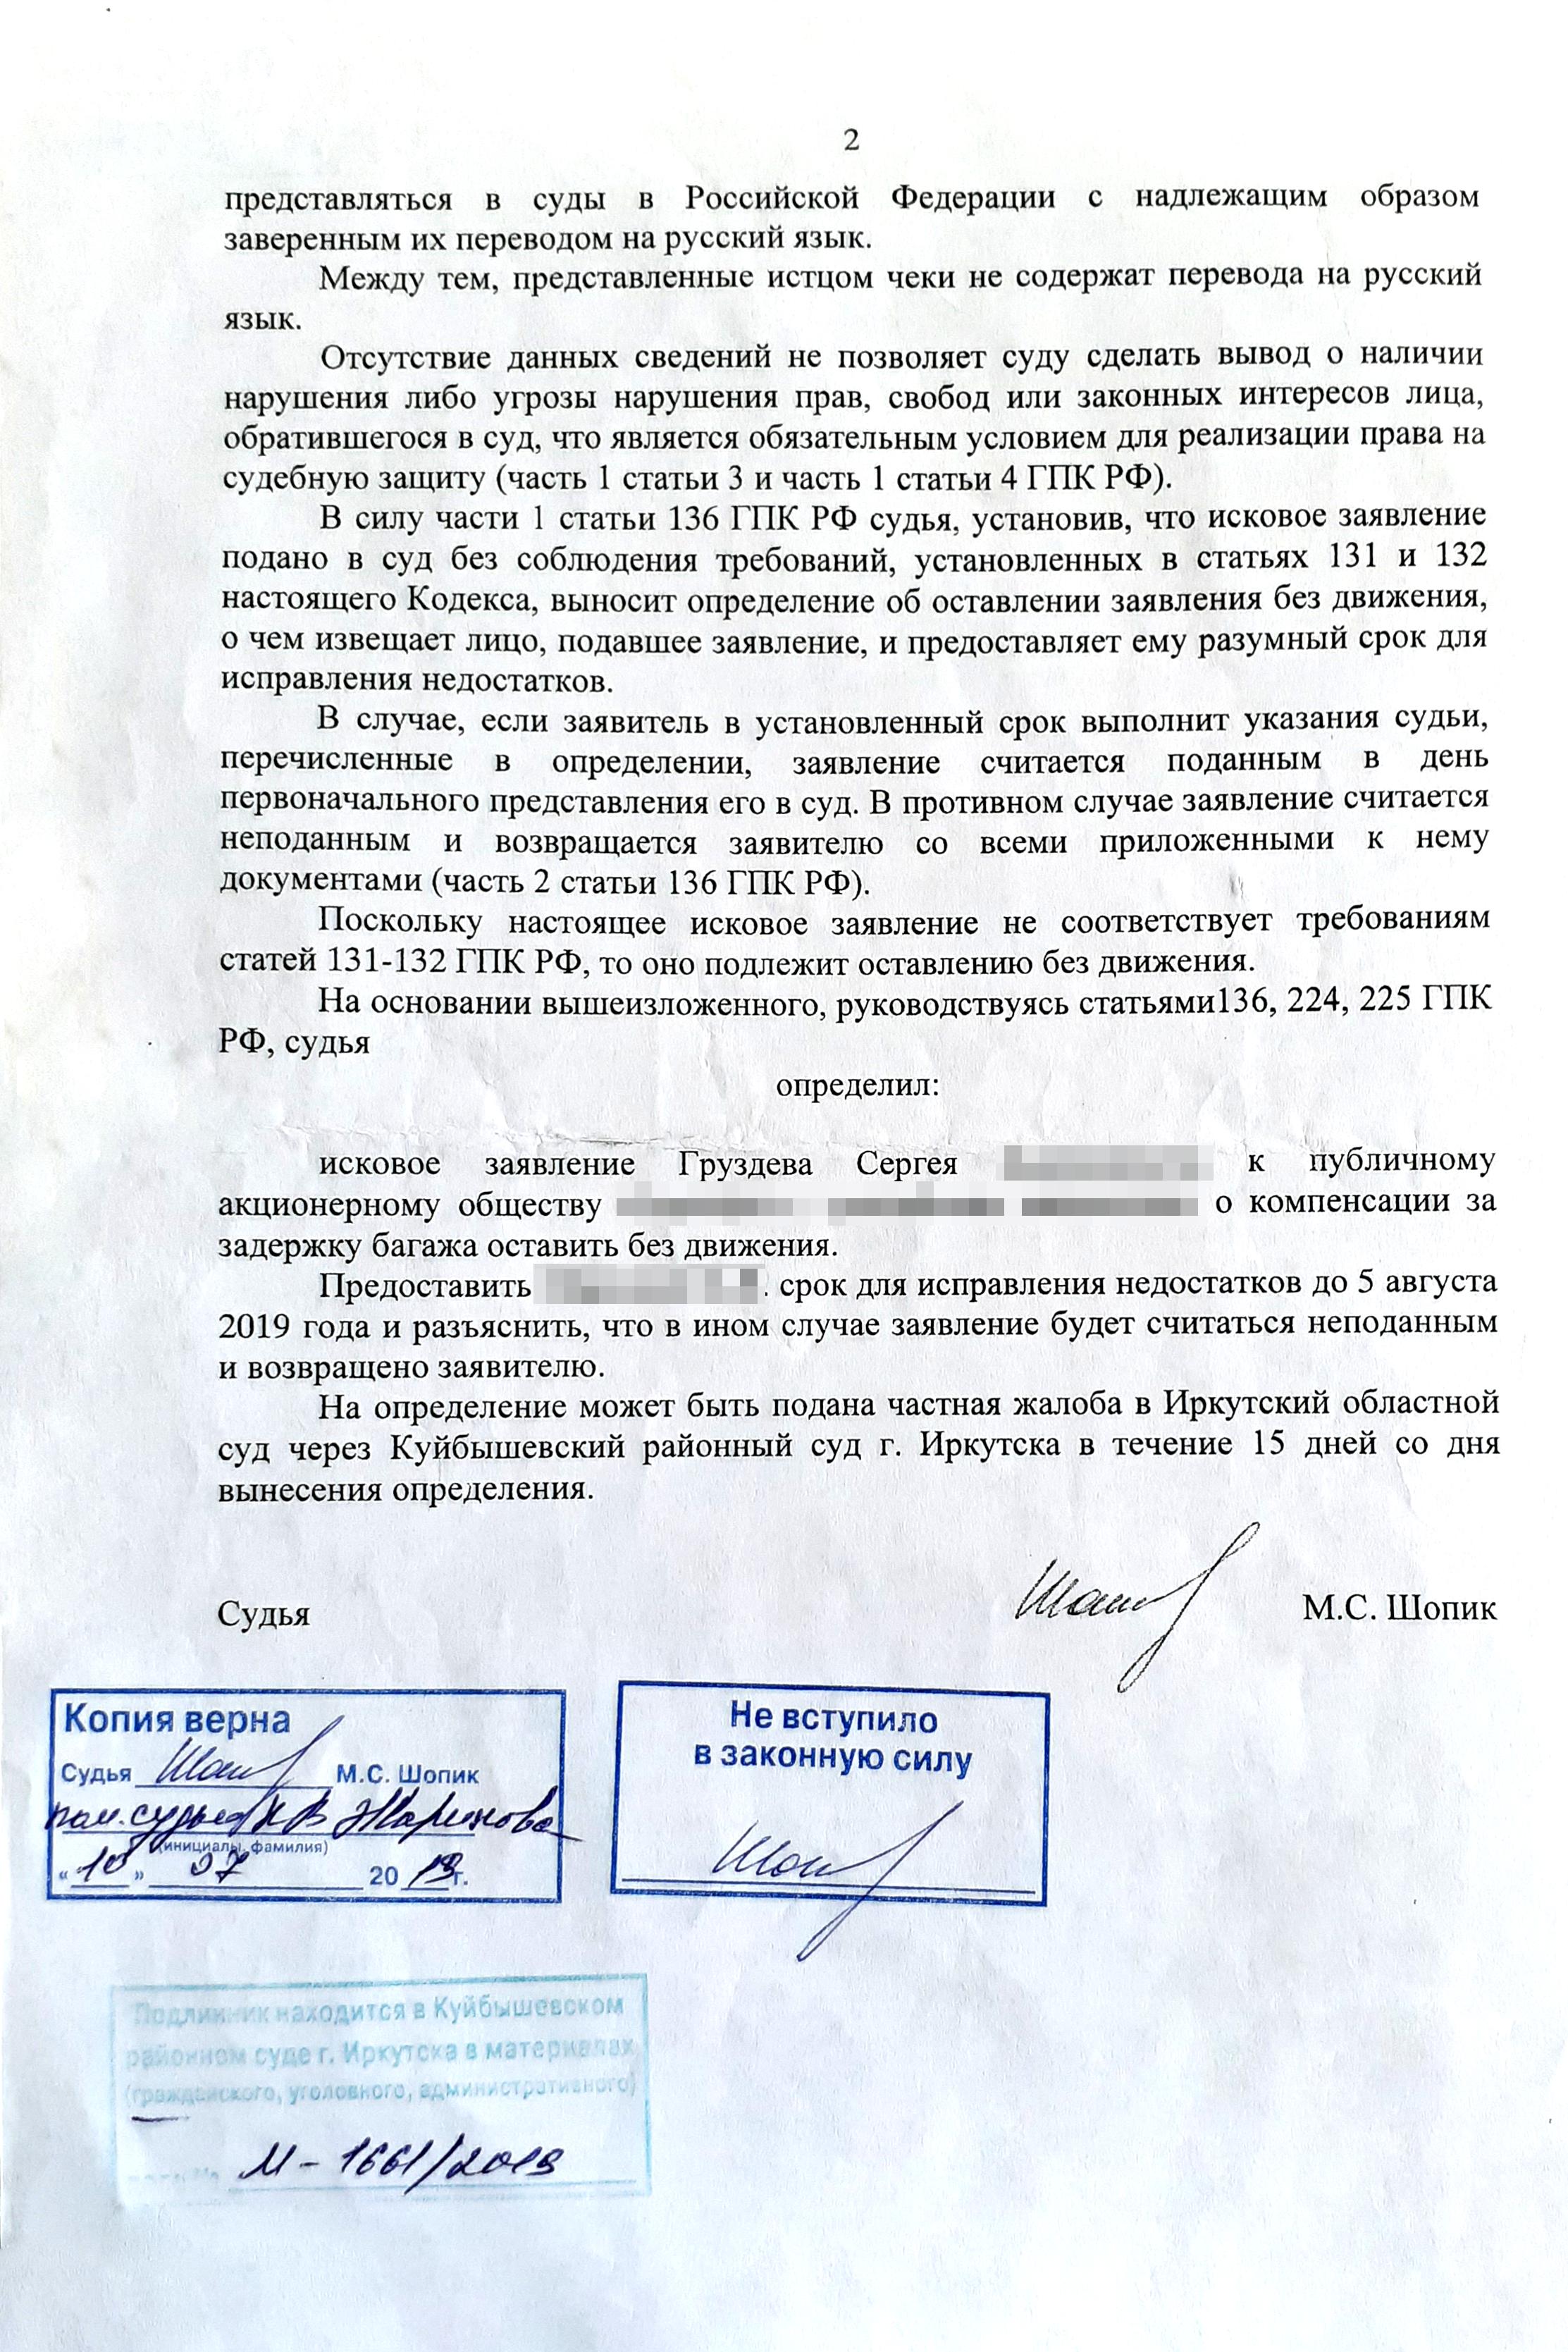 Определение об оставлении иска Сергея без движения — нужно было представить недостающие документы, чтобы суд принял иск и рассмотрел его